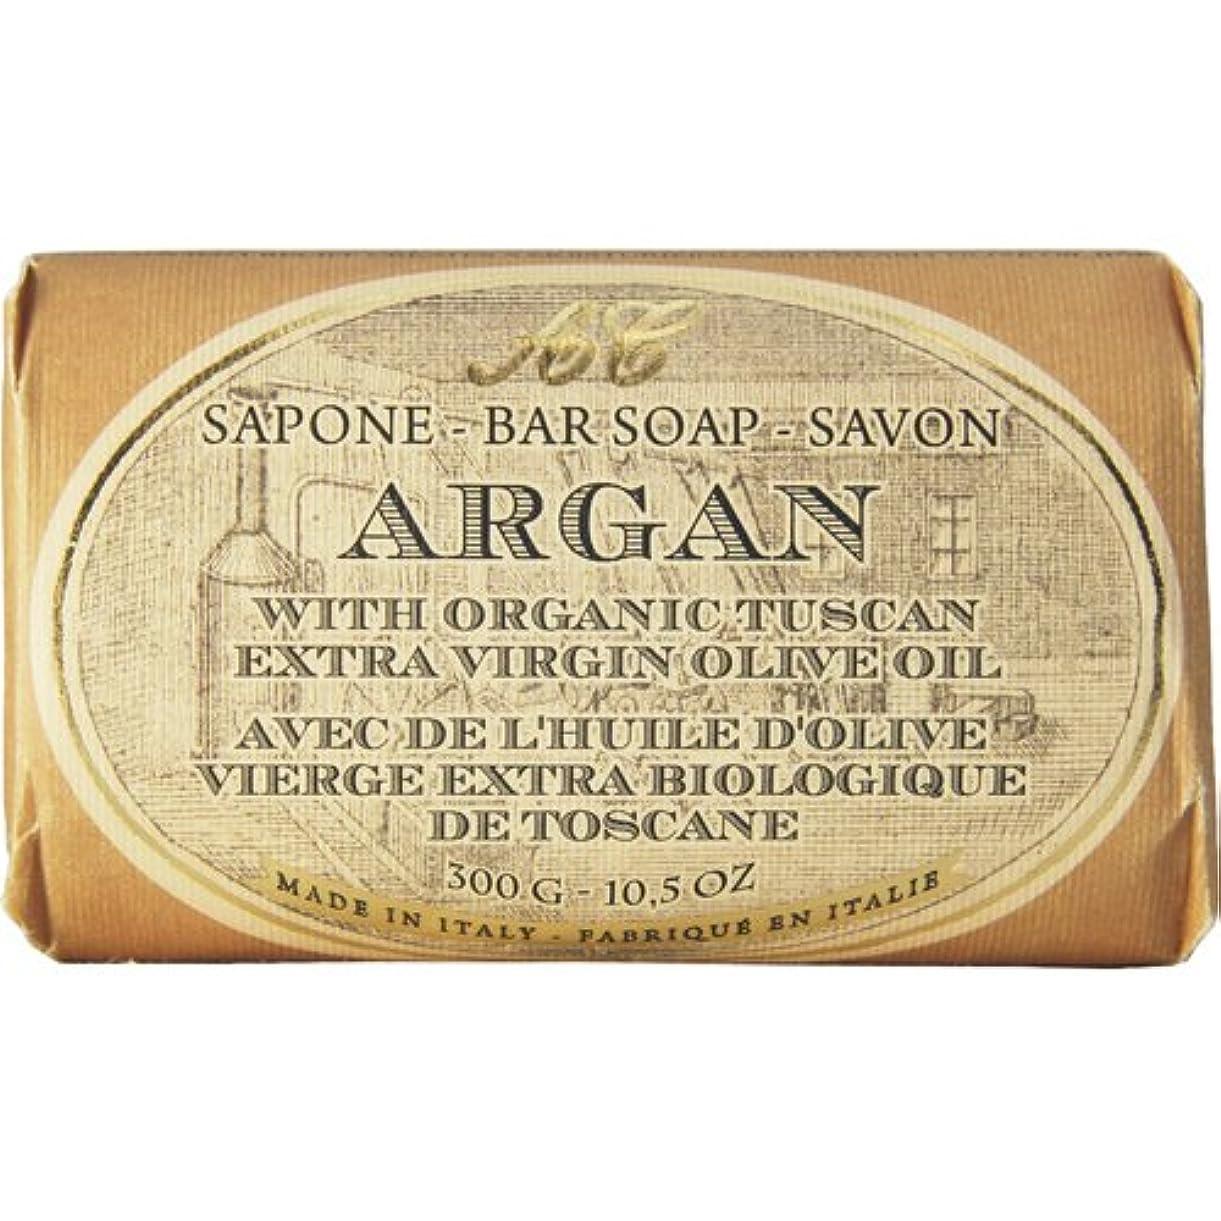 悪い増加する格差Saponerire Fissi レトロシリーズ Bar Soap バーソープ 300g Argan アルガンオイル